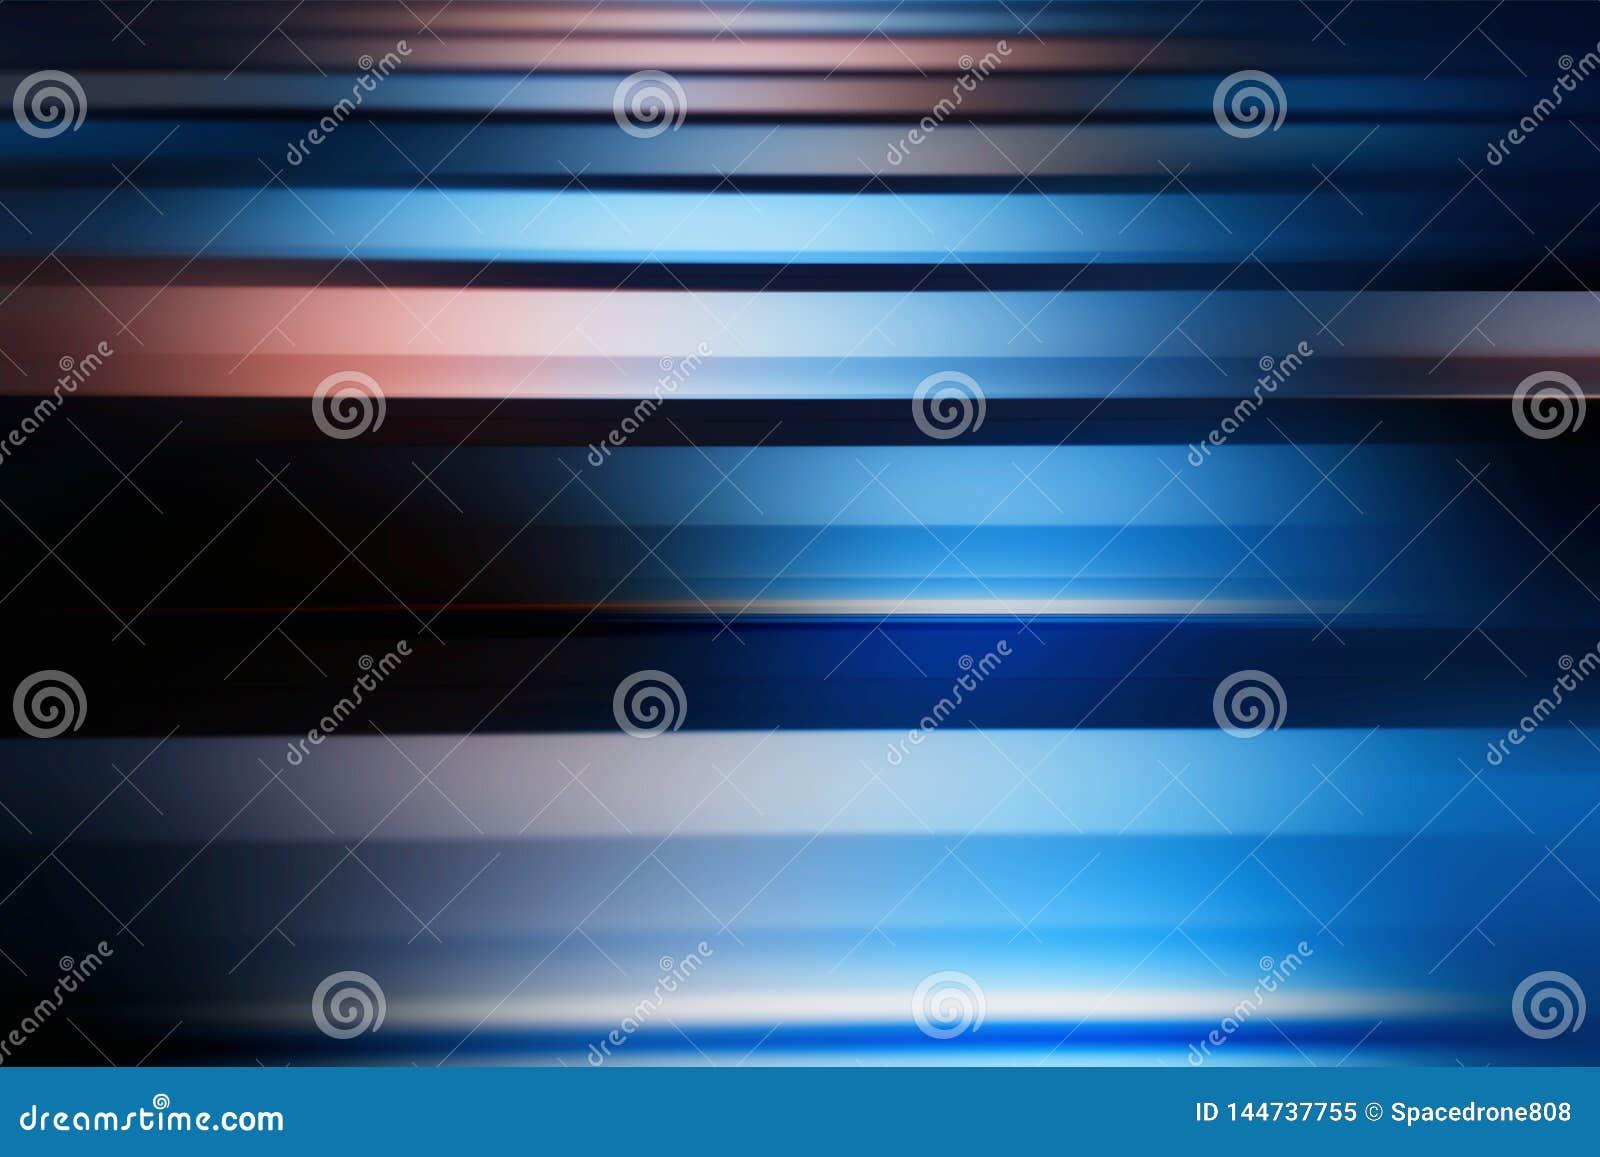 Unduh 104+ Background Blue Blur Hd HD Paling Keren